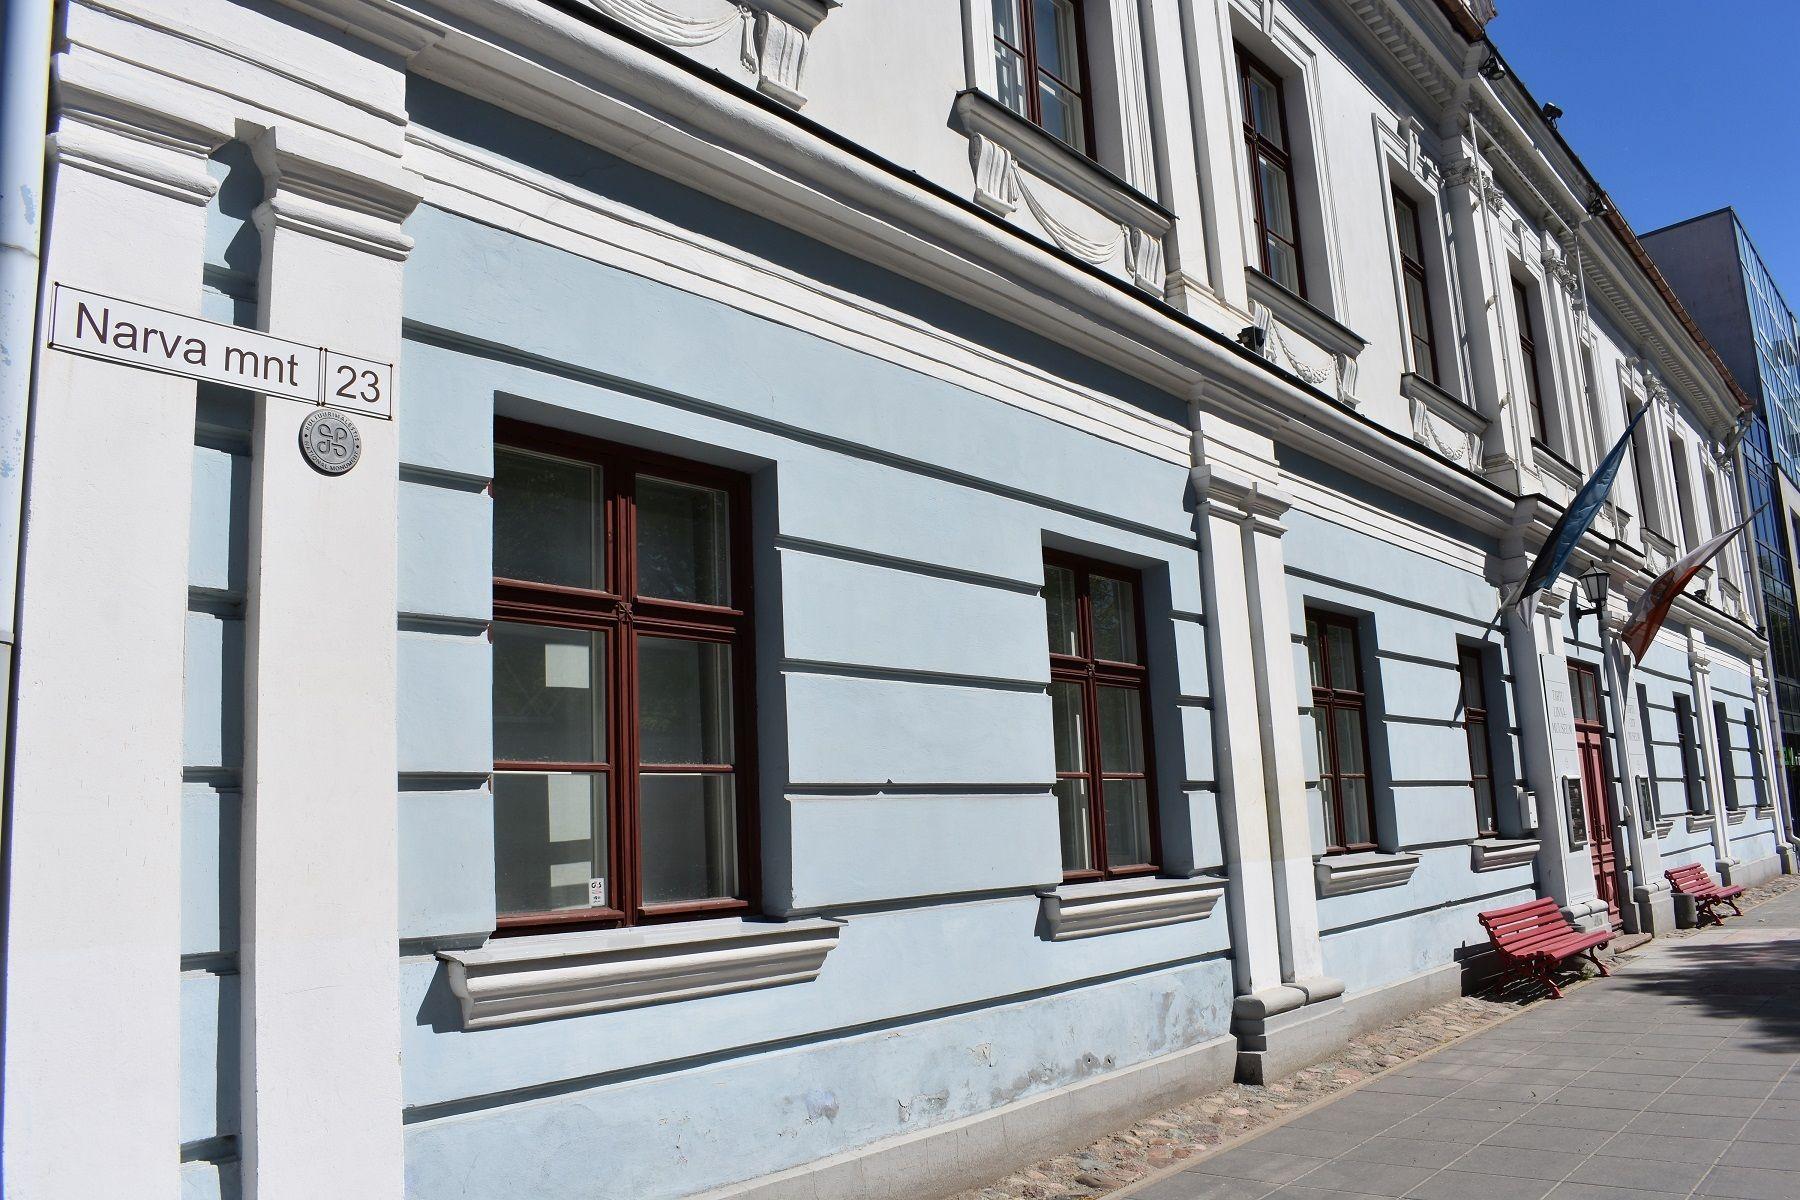 Linnaajaloo muuseumid tähistavad sünnipäeva